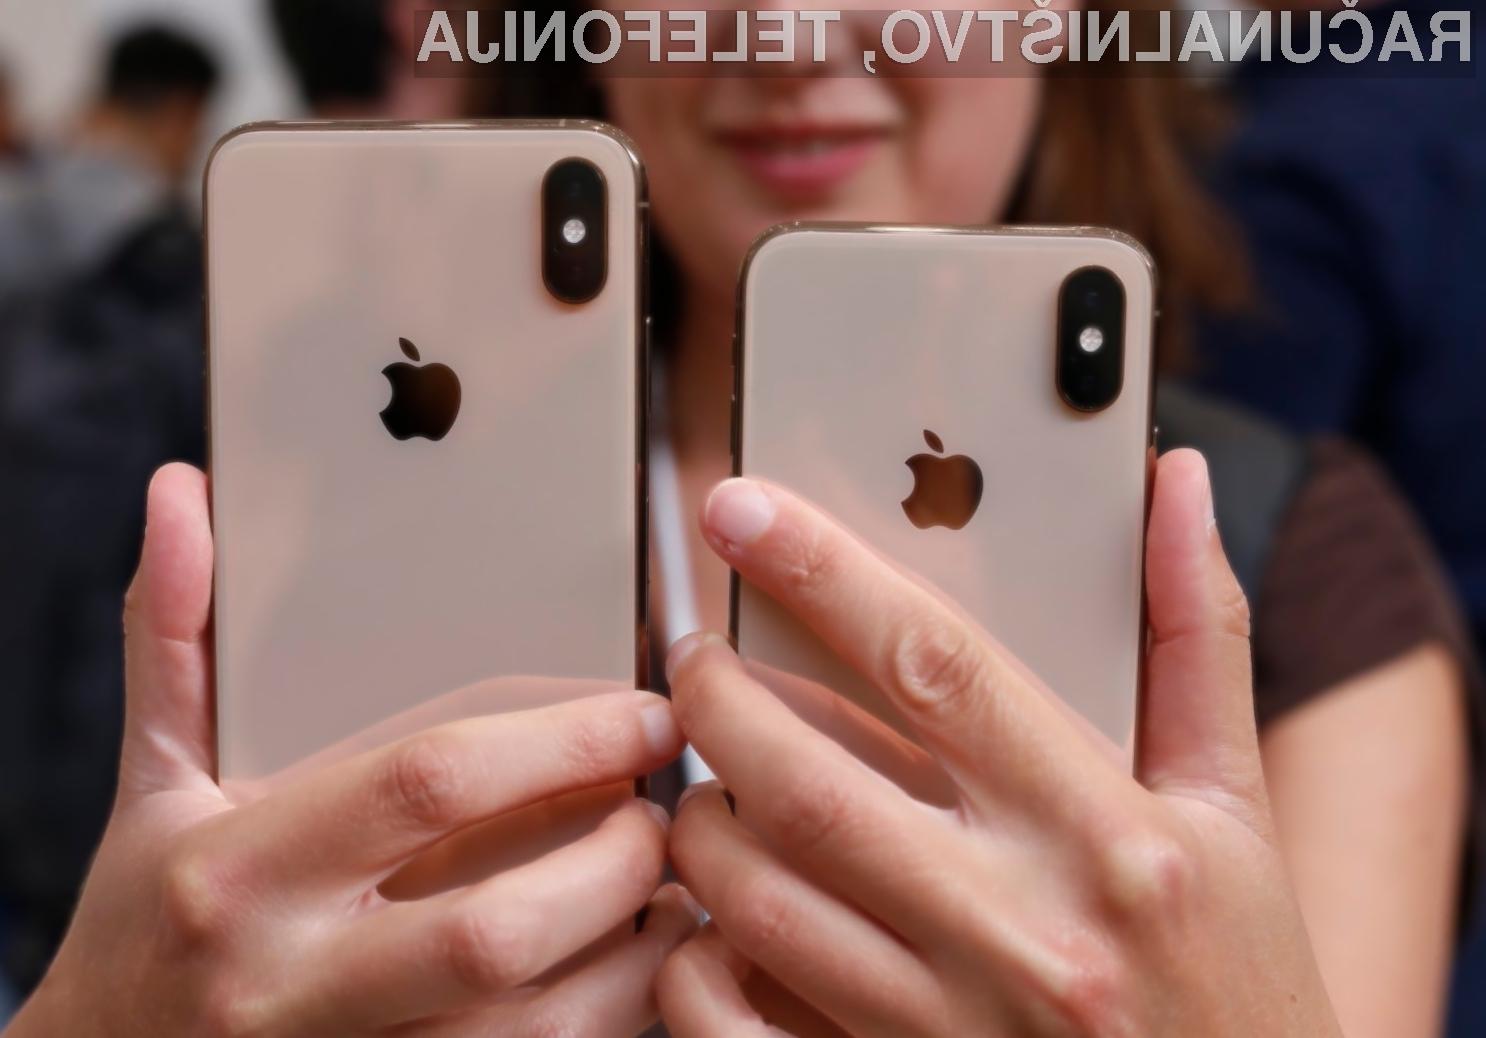 Če oseba, ki ni lastnik telefona iPhone XS ali iPhone XS Max, petkrat pogleda v sprednjo kamero, se ta samodejno zaklene.